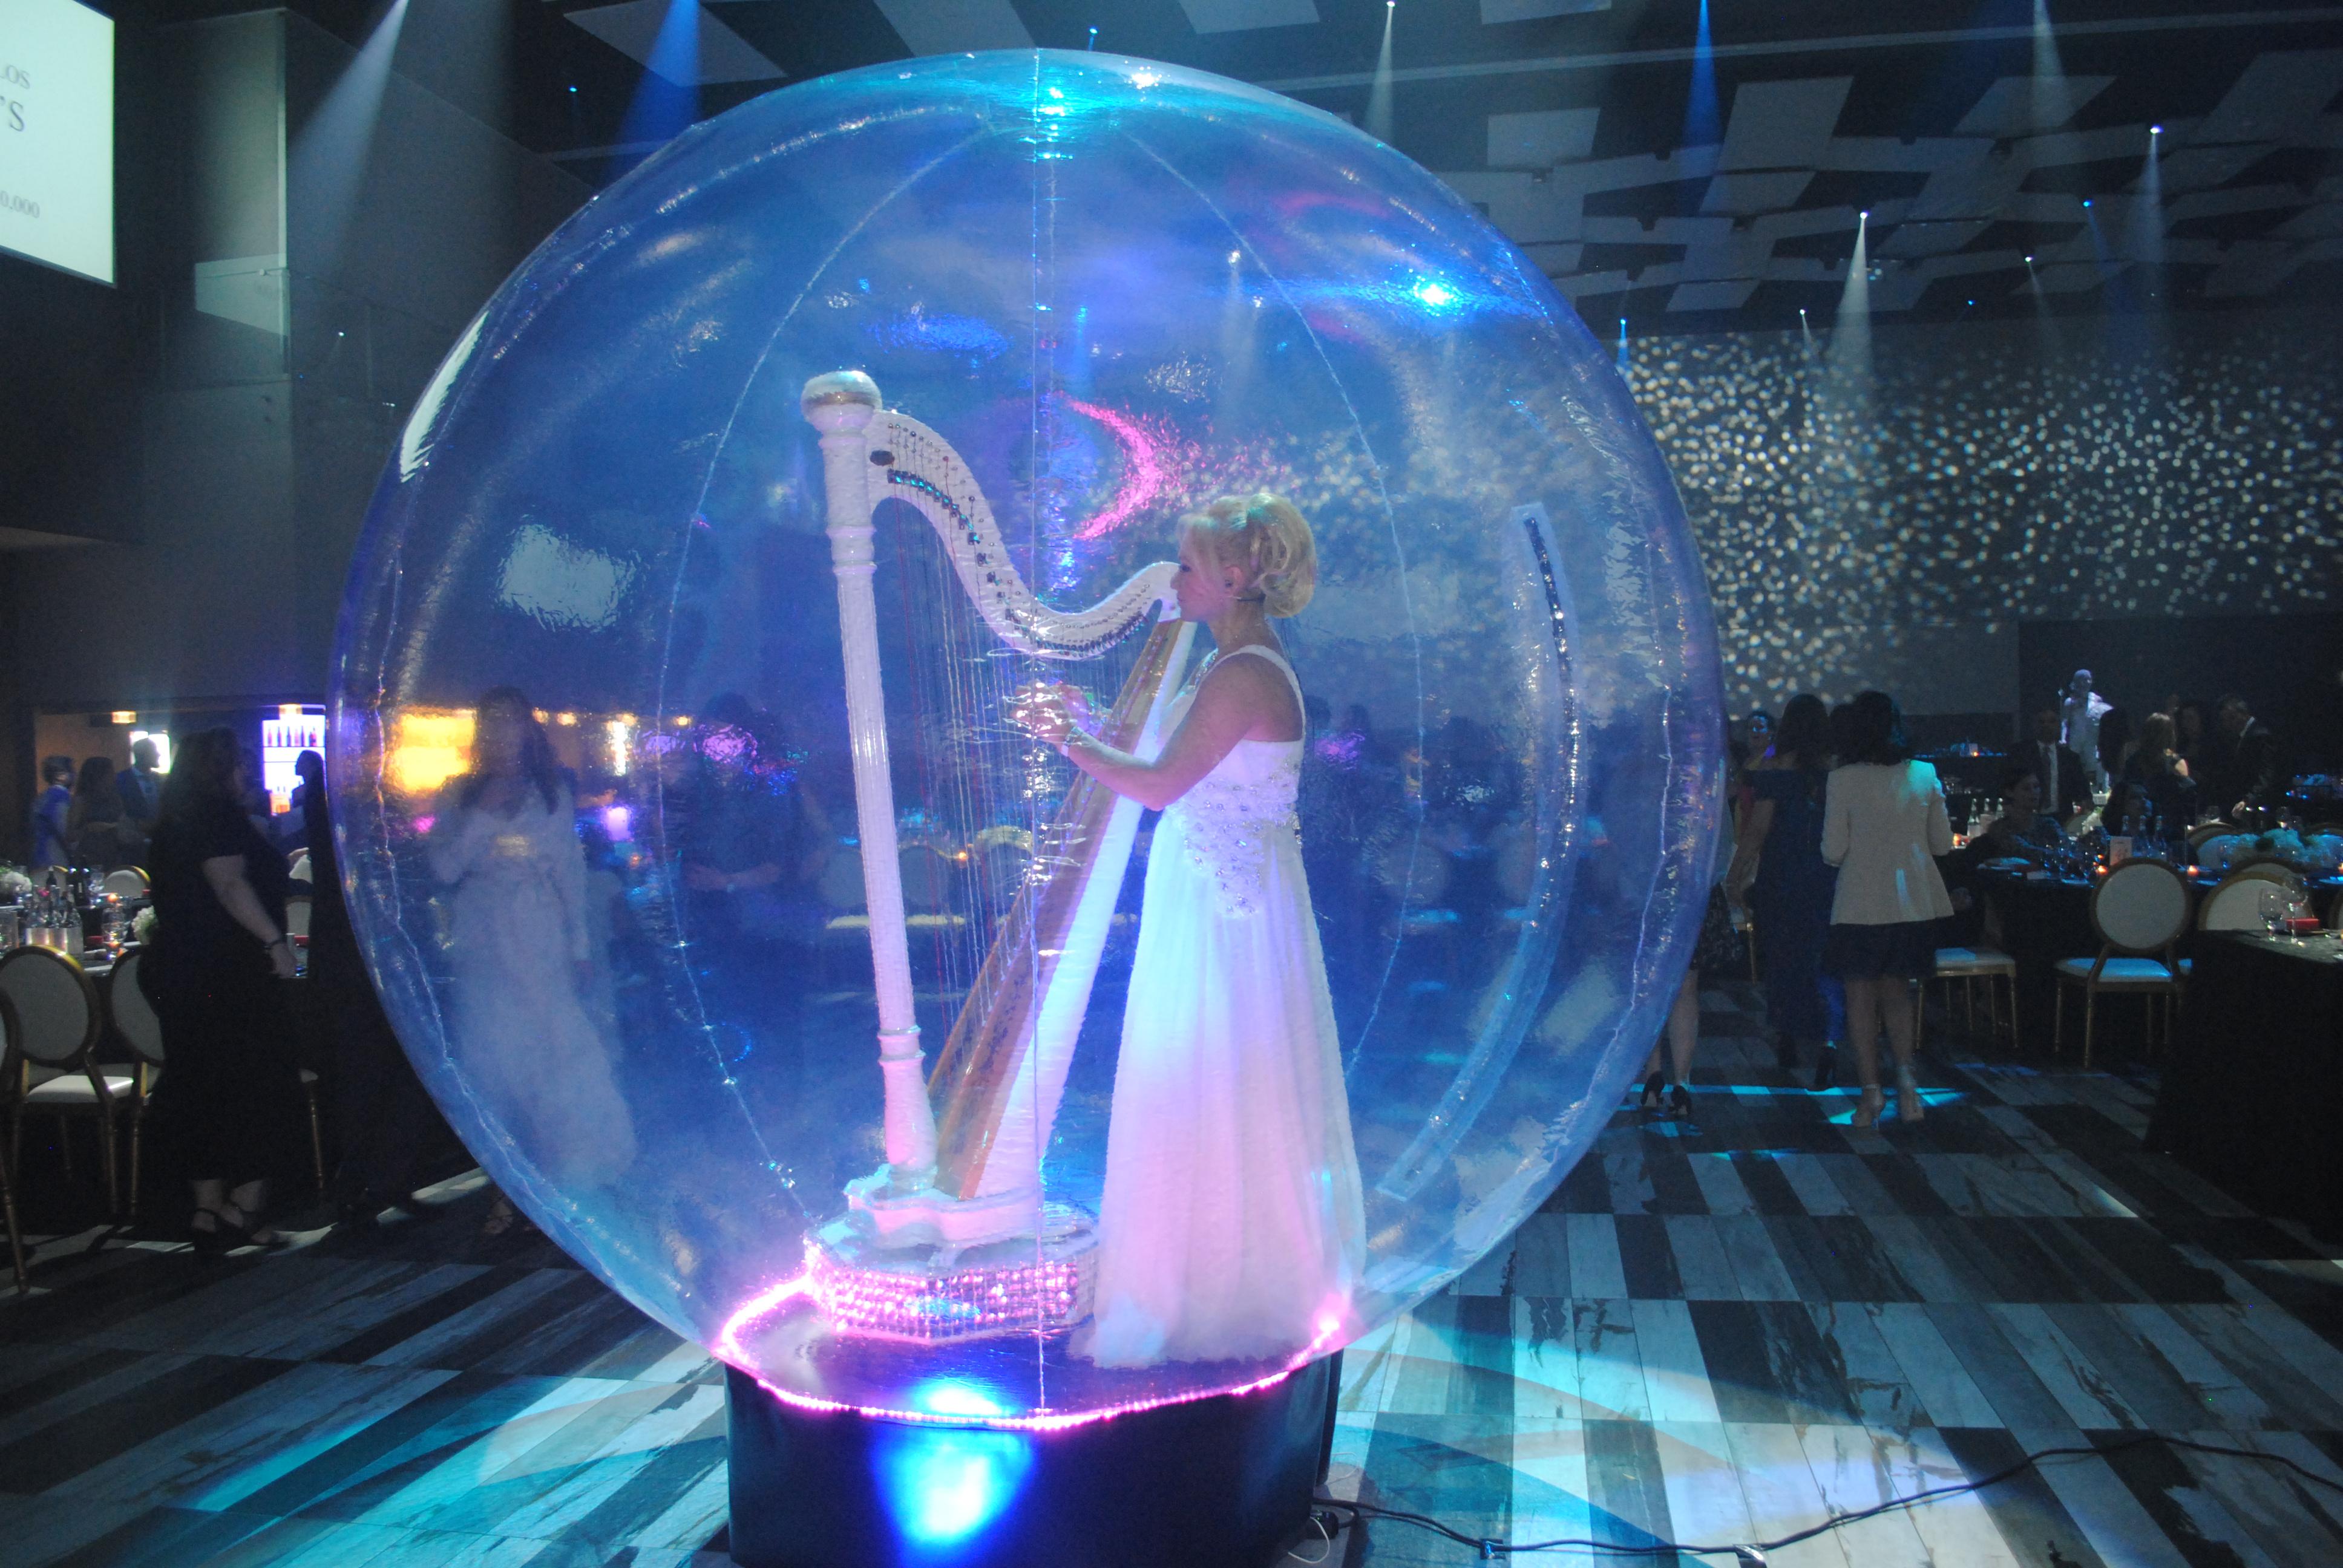 Γιορτή Extravaganza στο 21ό Annual Gala του HHF